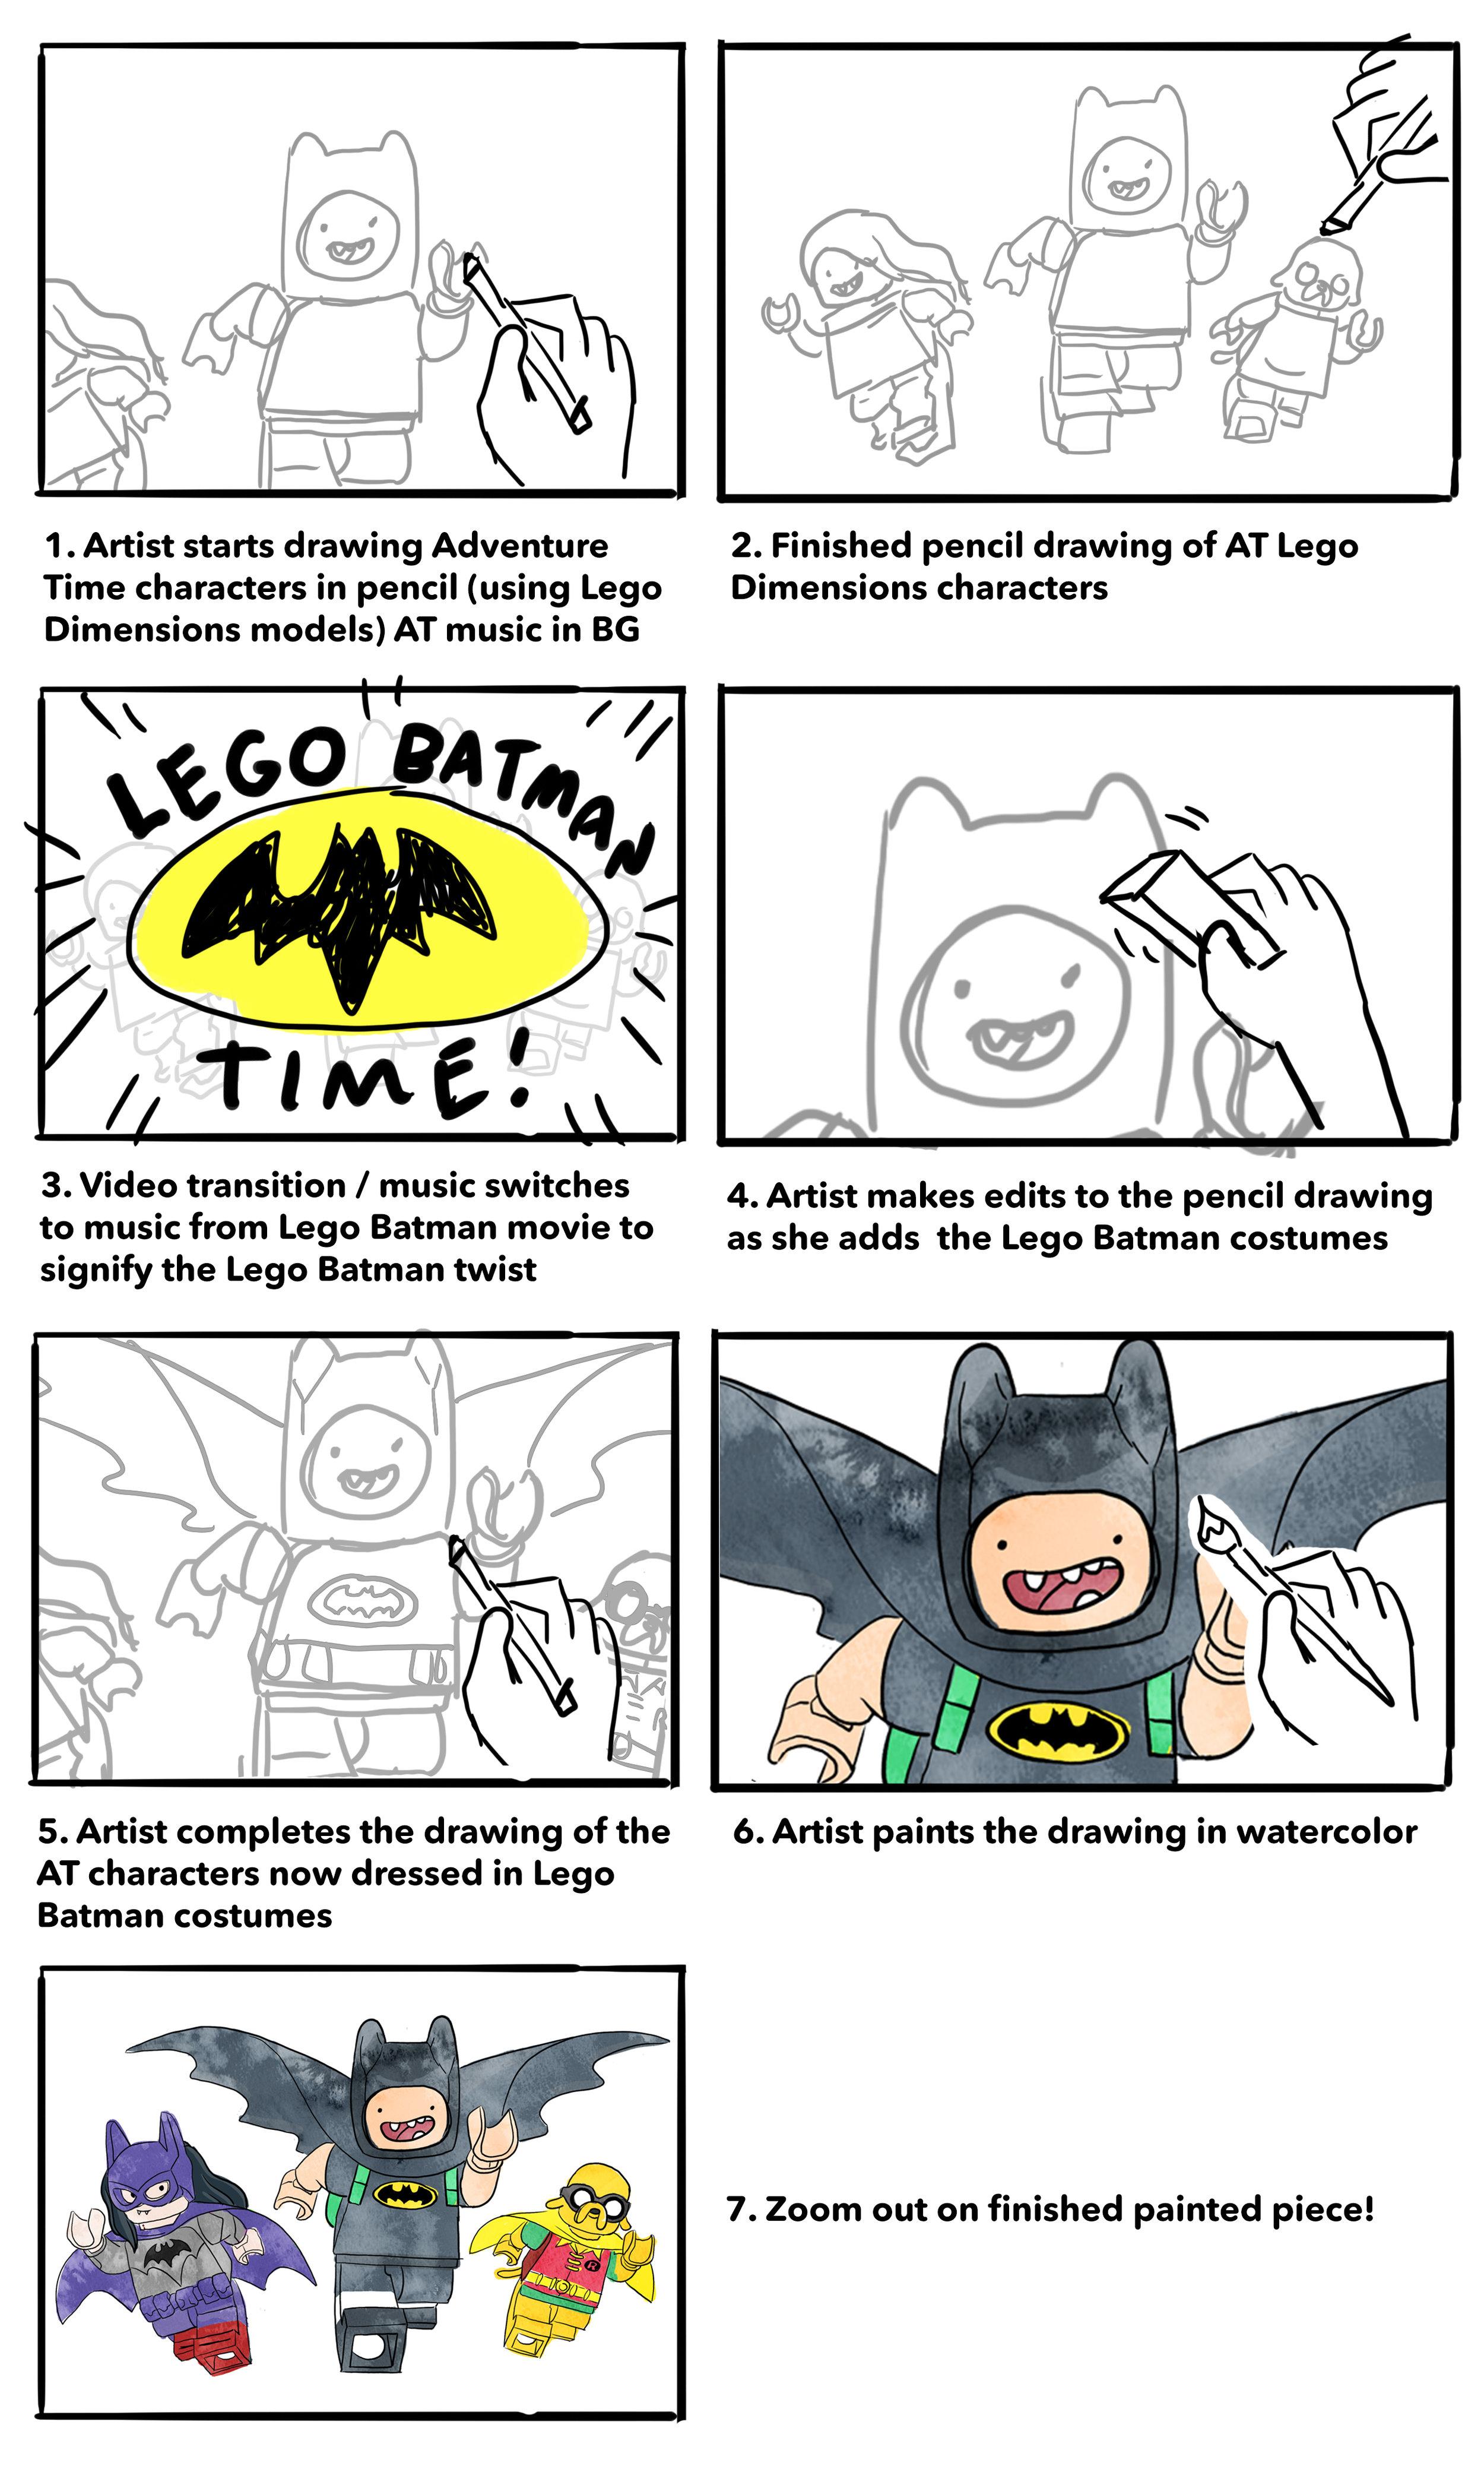 CTN_Social_LEGOBatman_SketchSaturdayThumbnails.jpg